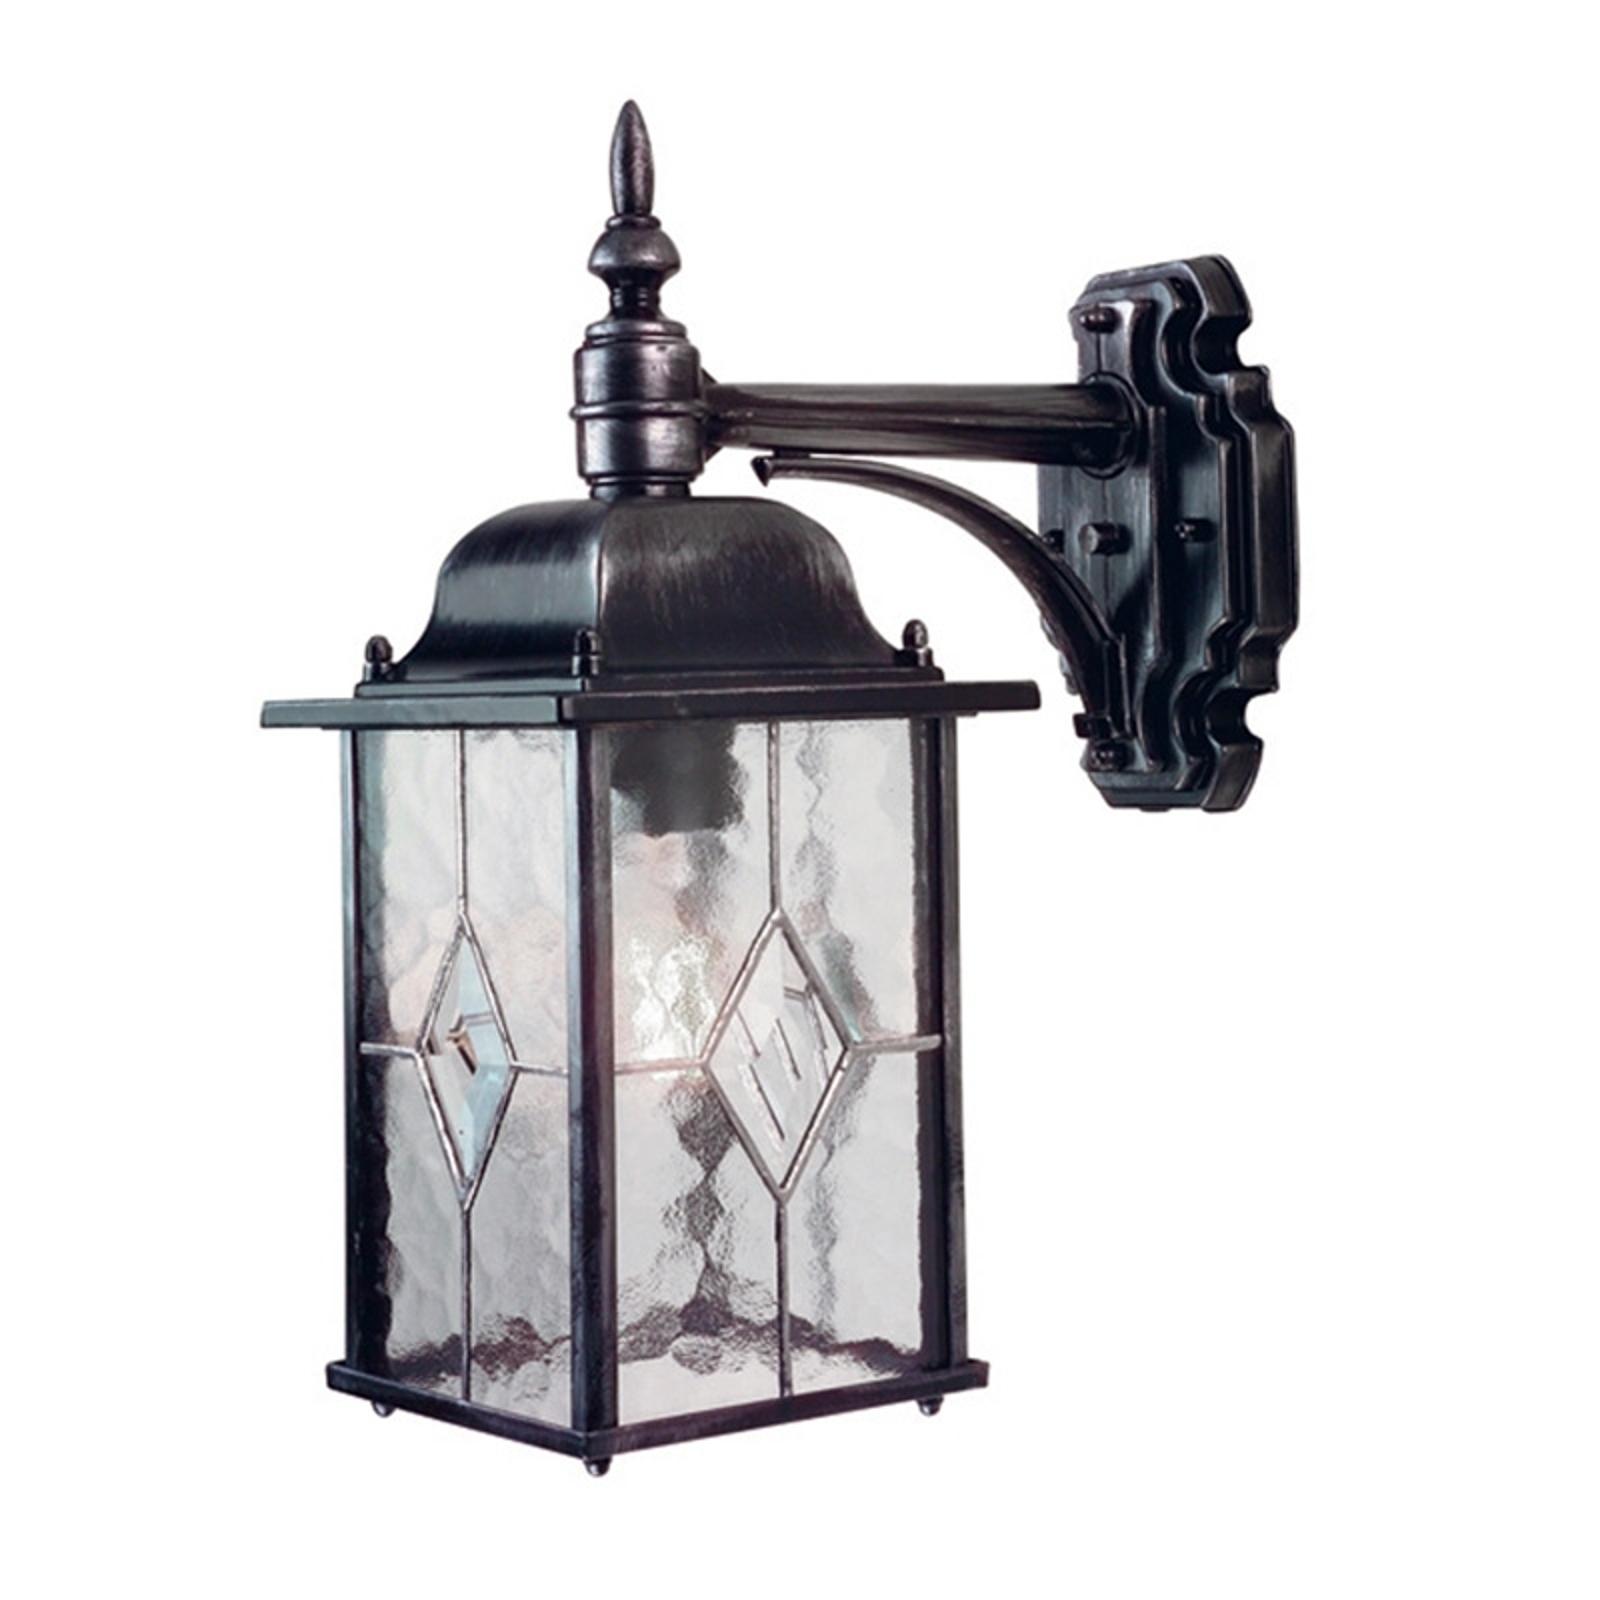 Buitenwandlamp Wexford WX2, lantaarn hangend